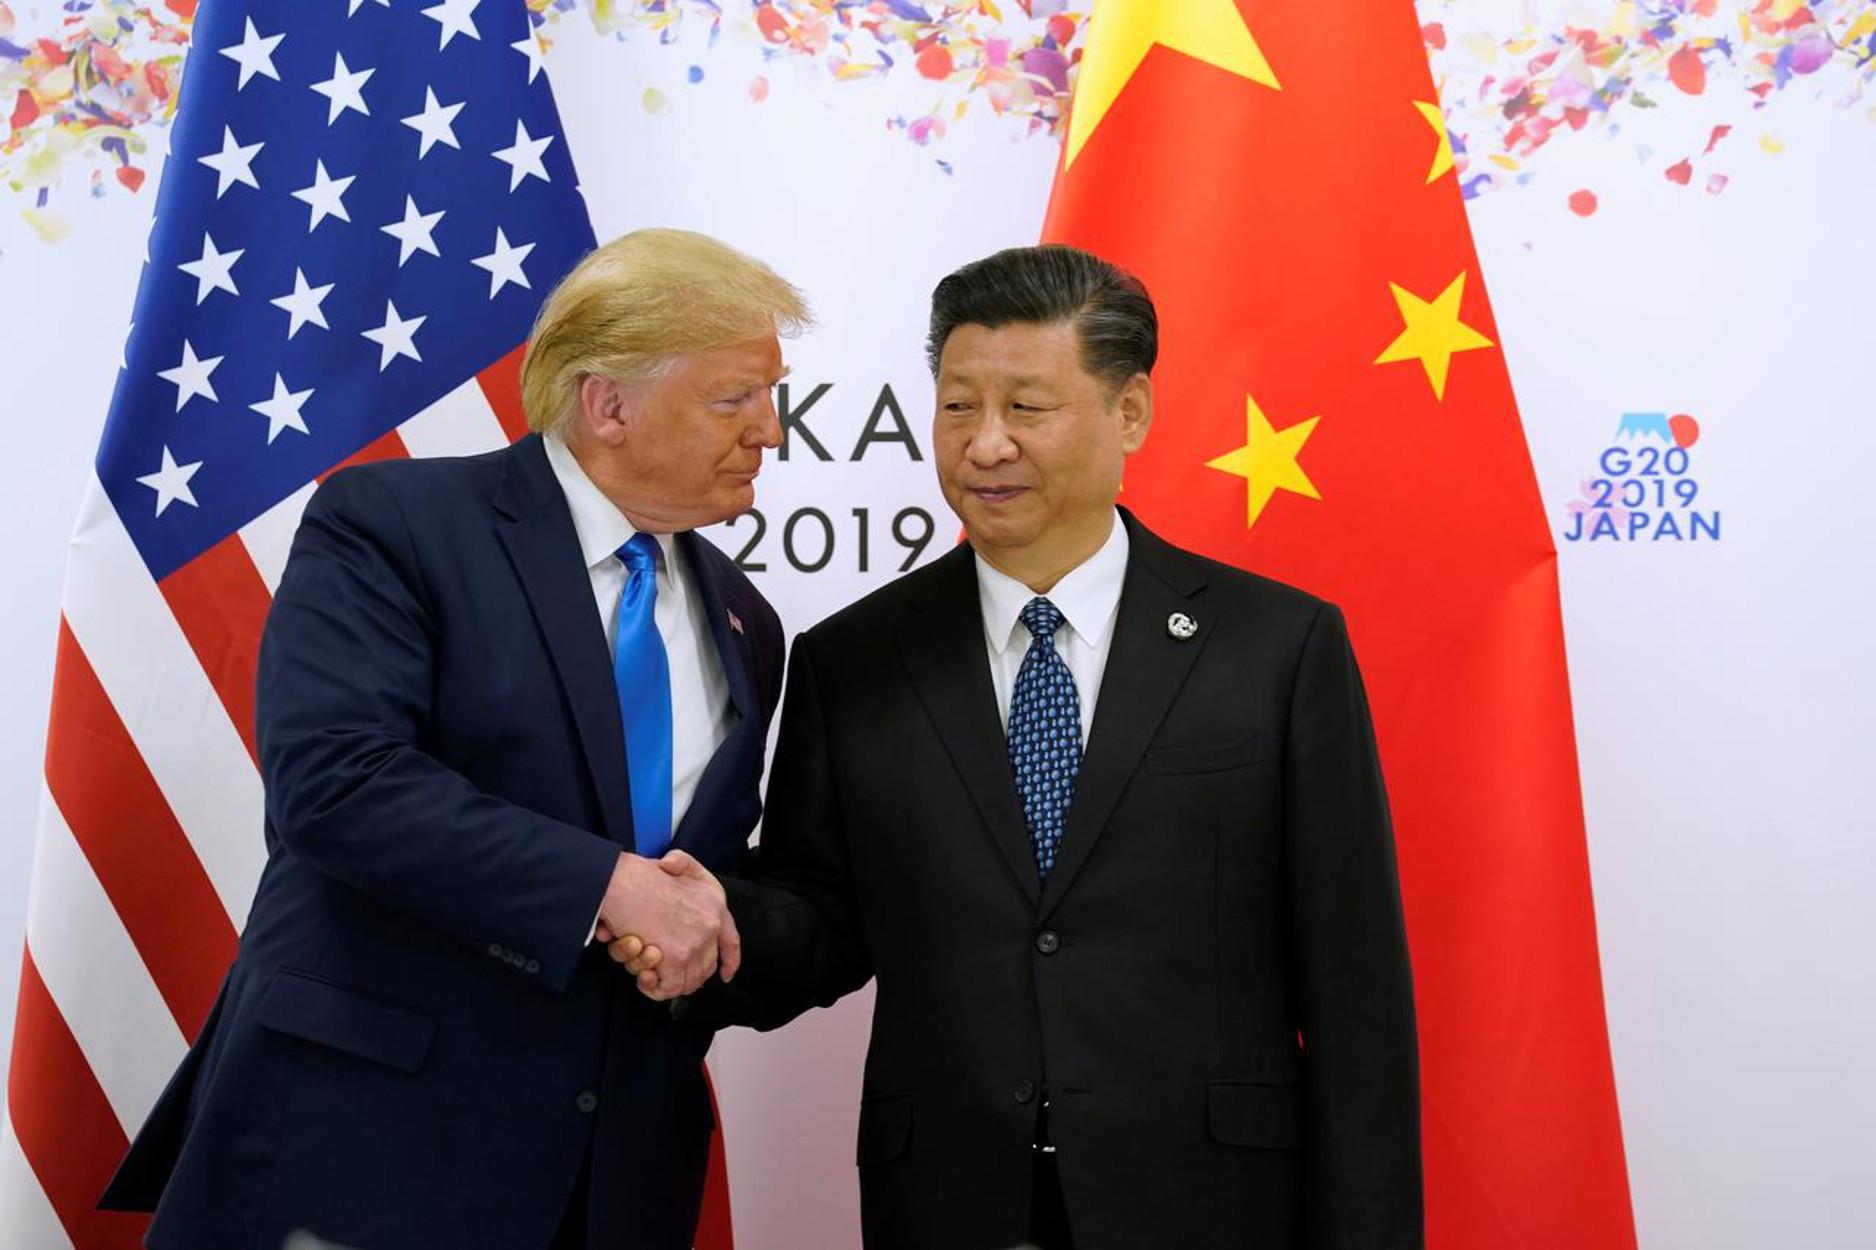 """Νέος """"σκοτωμός"""" μεταξύ ΗΠΑ και Κίνας - """"Δεν σας αφορά το Χονγκ Κονγκ, αν το συνεχίσετε θα πάρουμε μέτρα"""""""